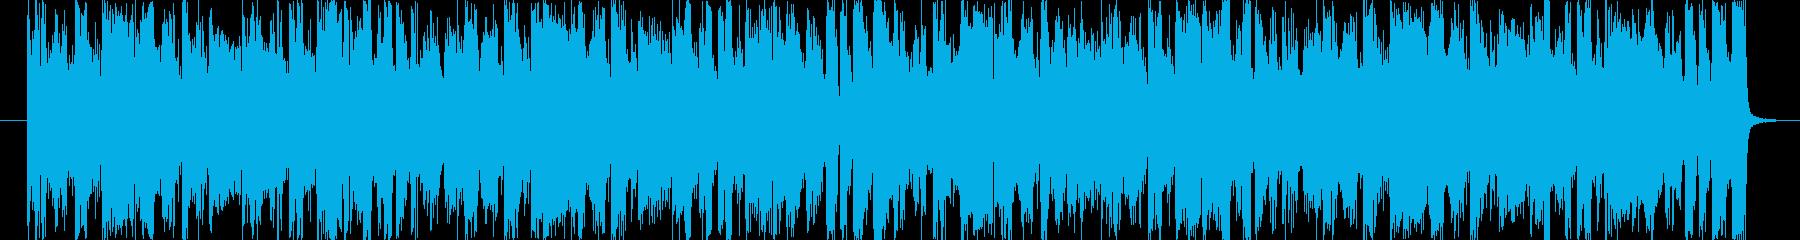 ノリが良くおしゃれなサウンドの再生済みの波形